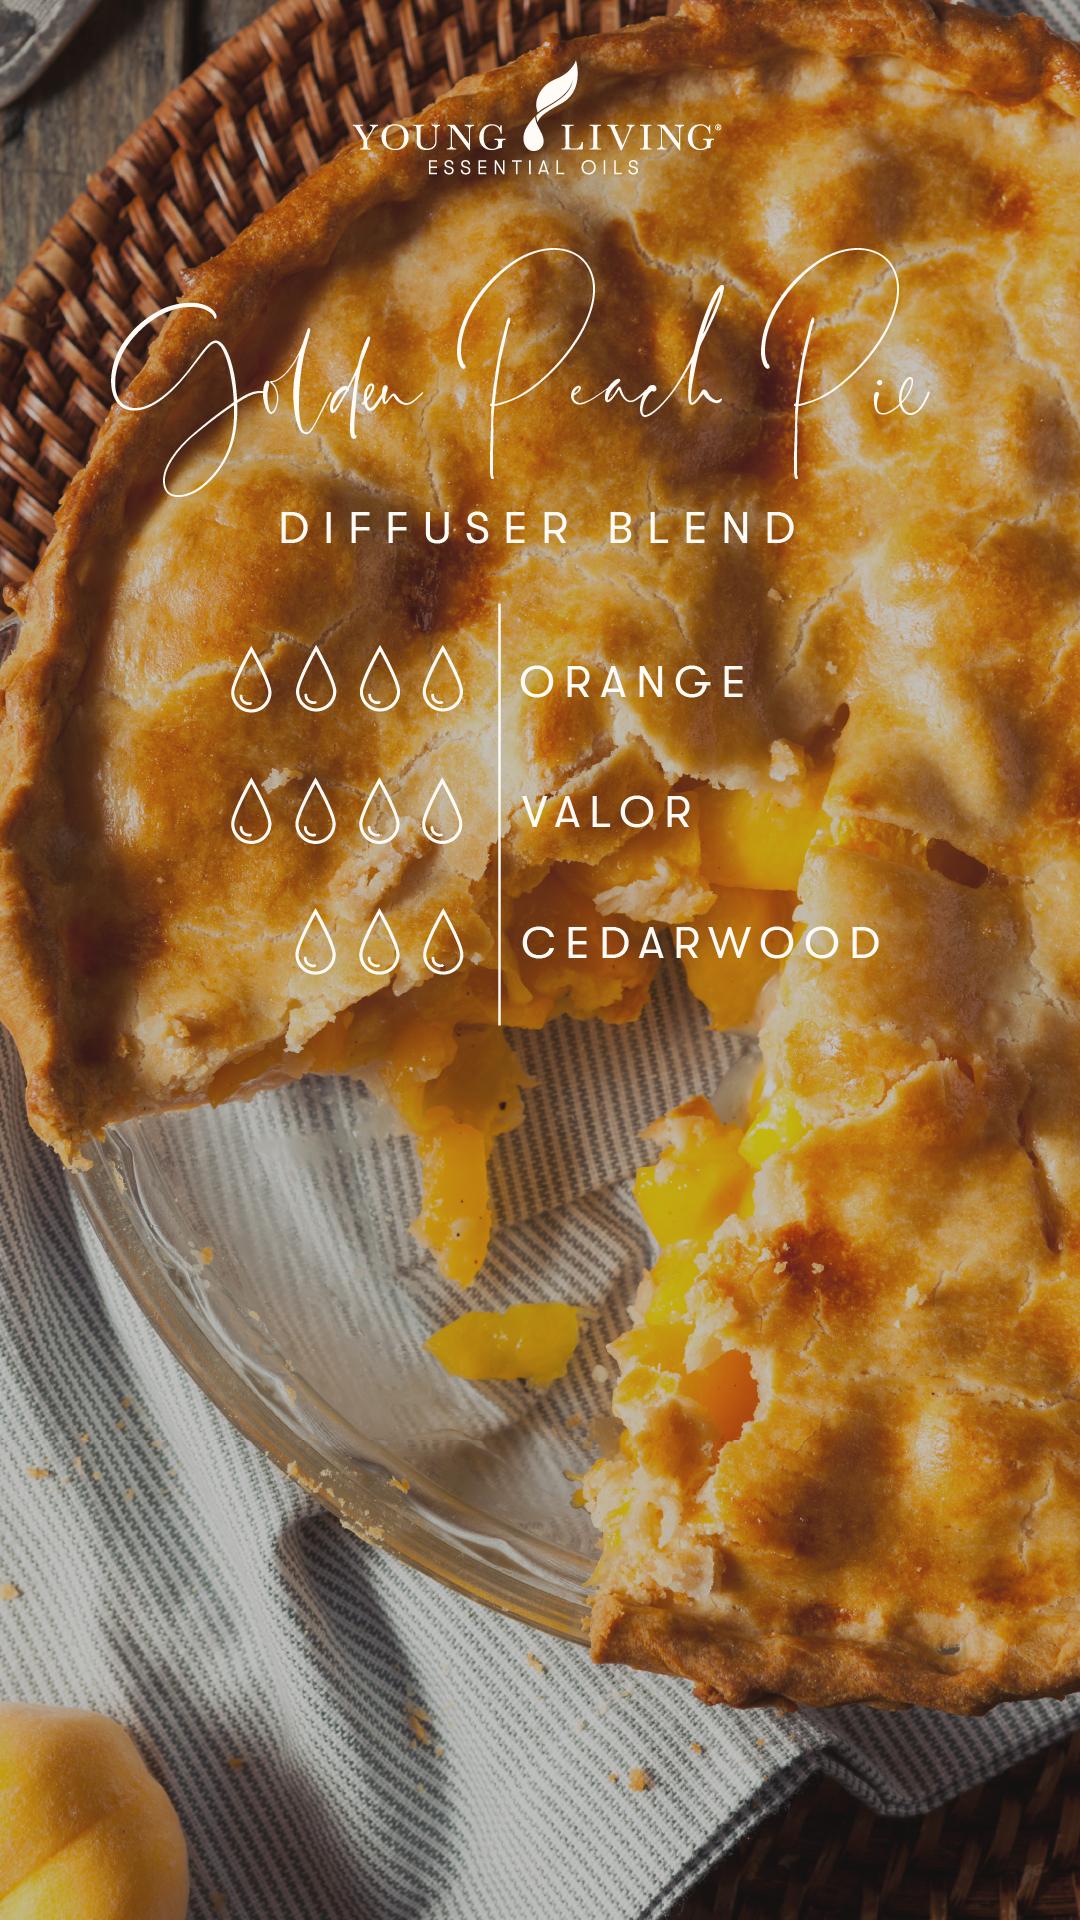 4 drops Orange 4 drops Valor 3 drops Cedarwood